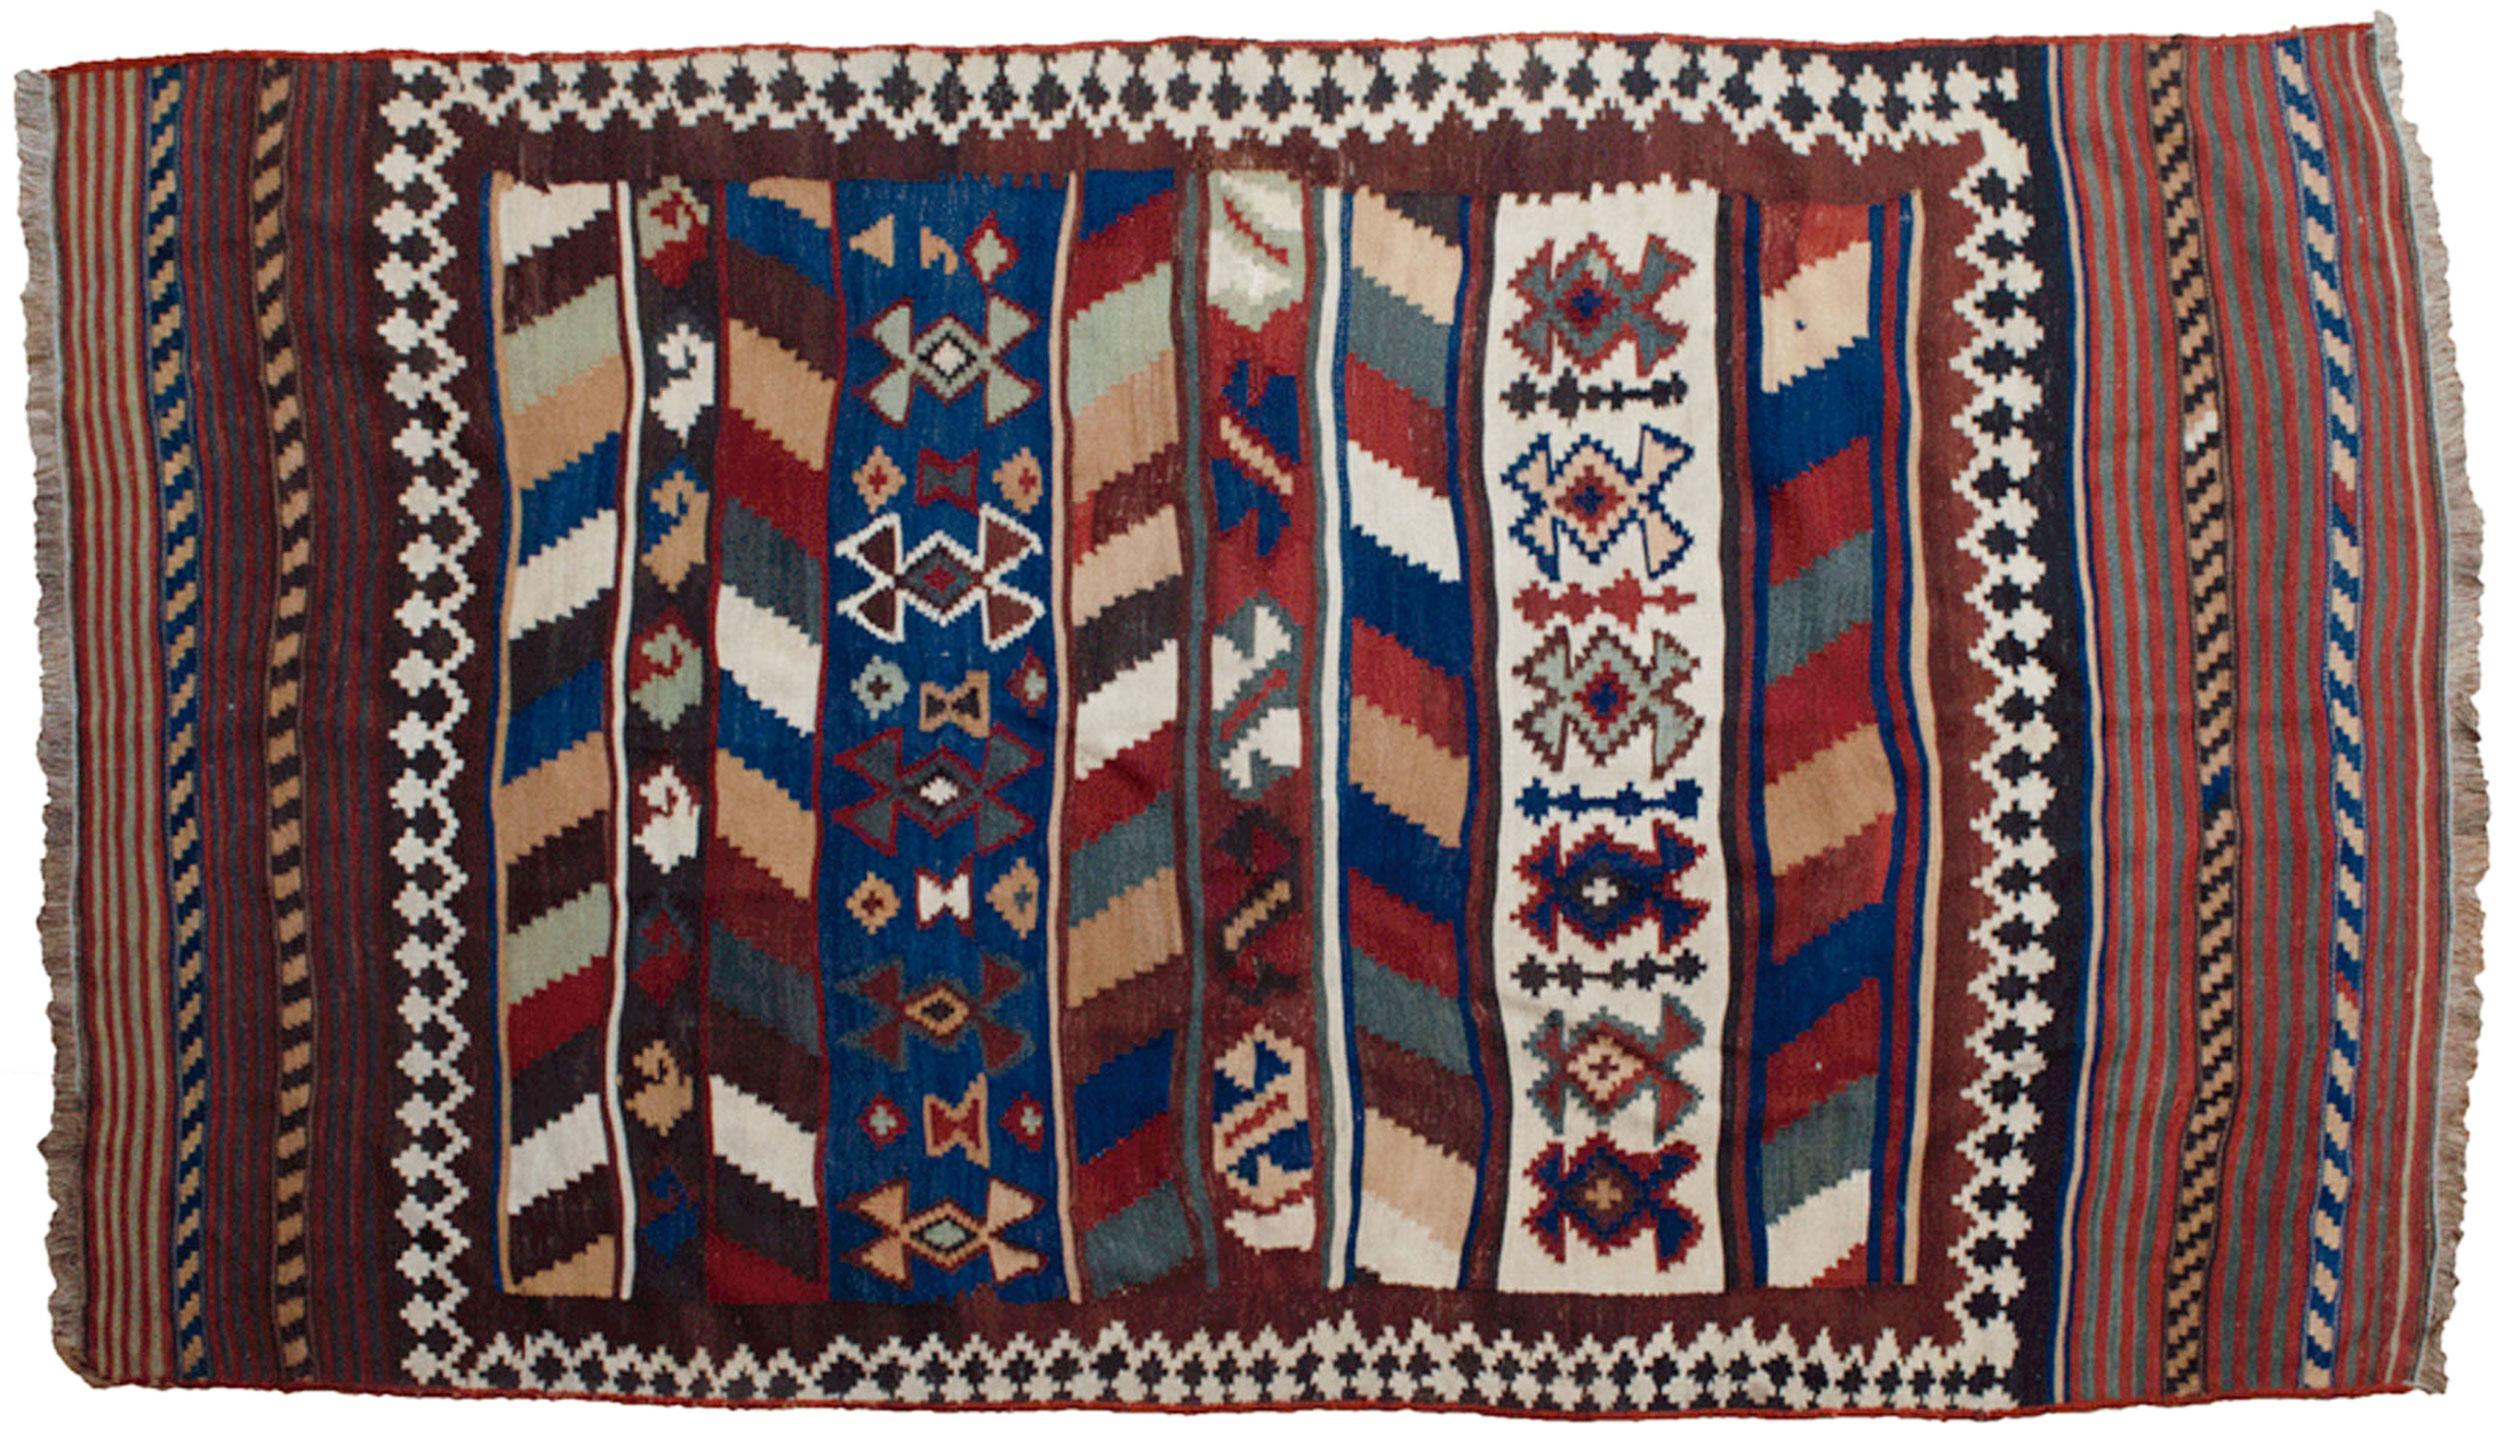 Vintage Qashqai Kilim Rug 243x143cm